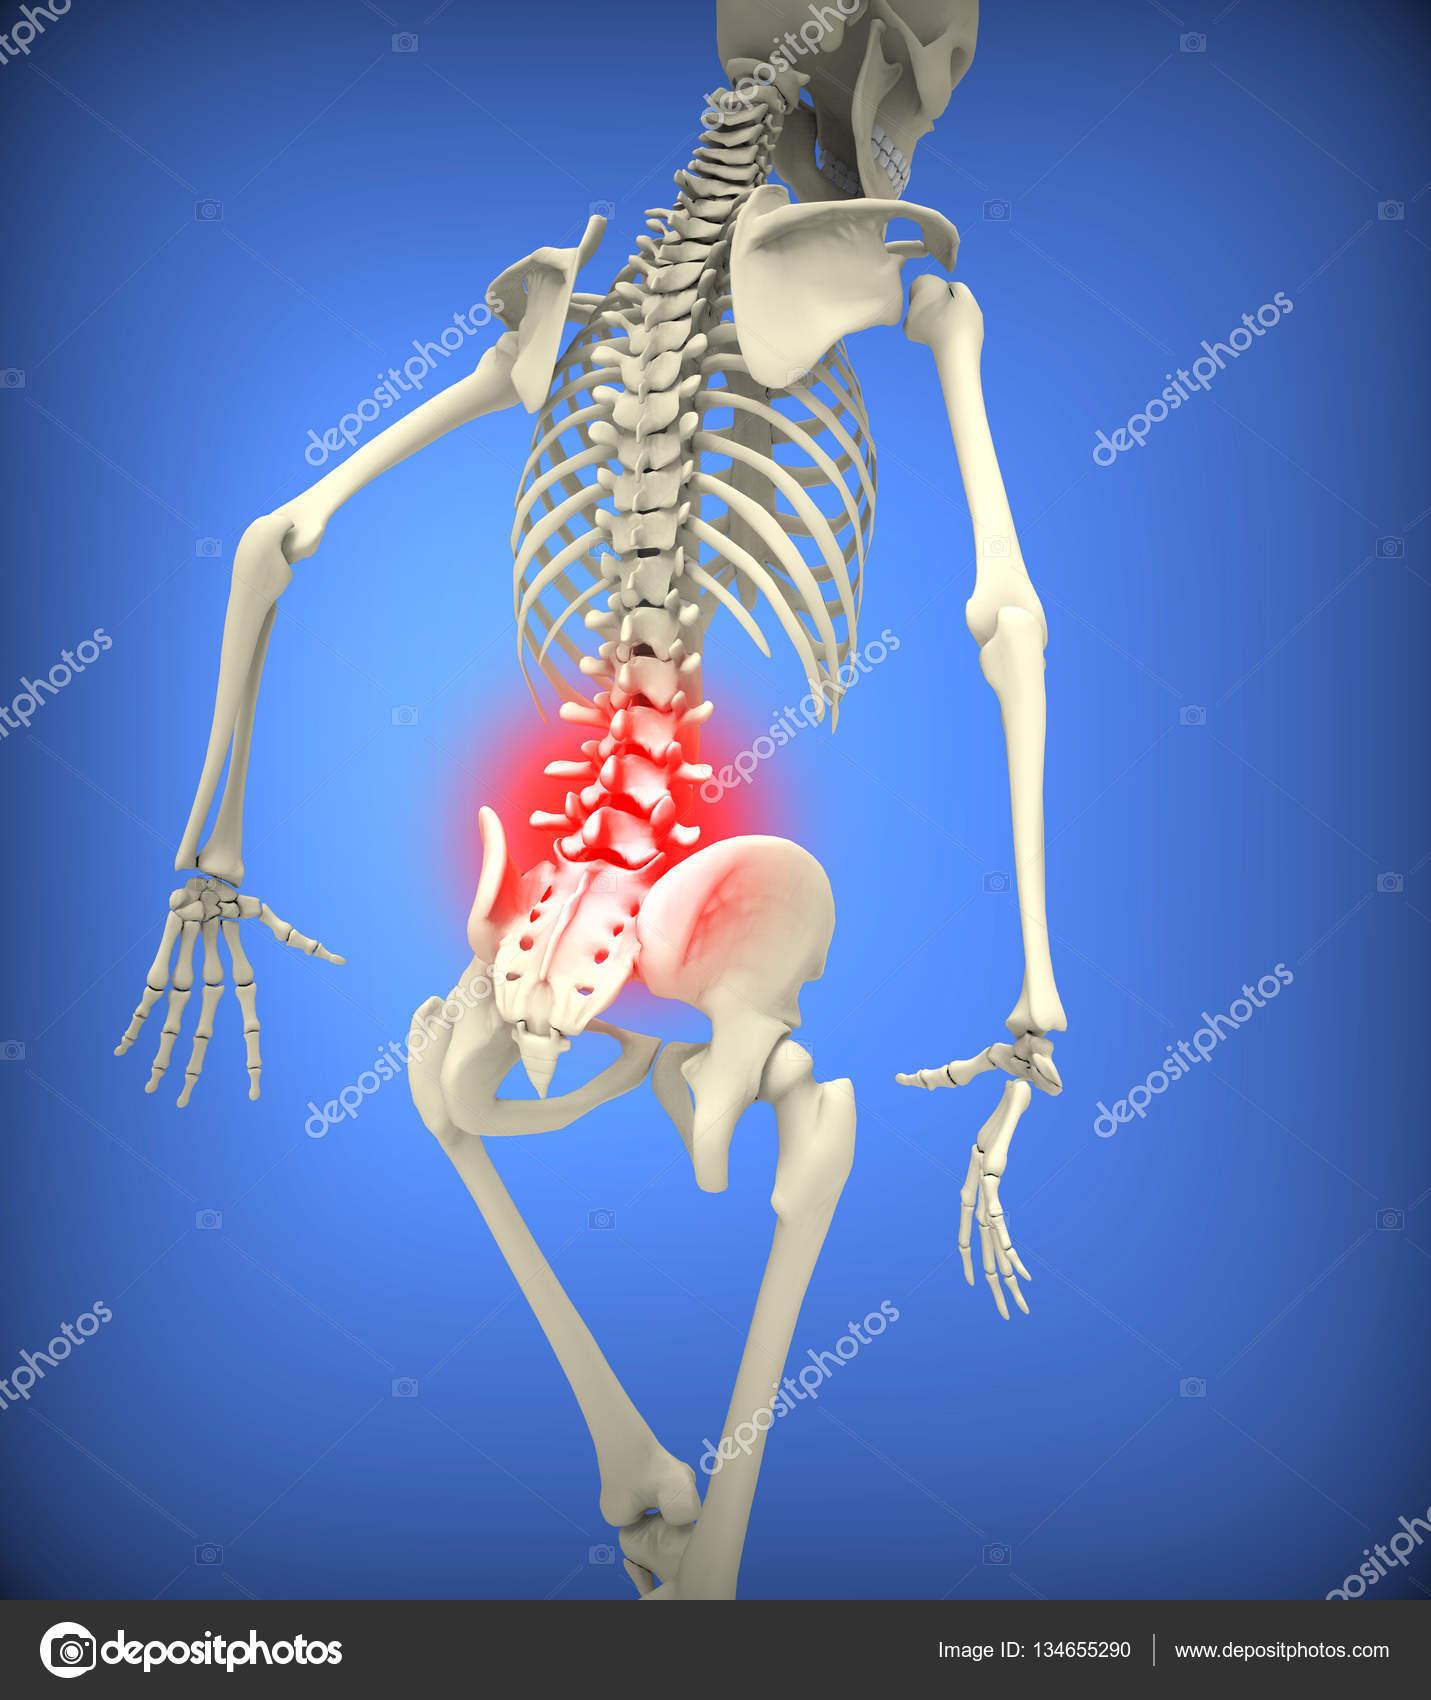 menschliches Skelett mit unteren Wirbelsäule hervorgehoben ...